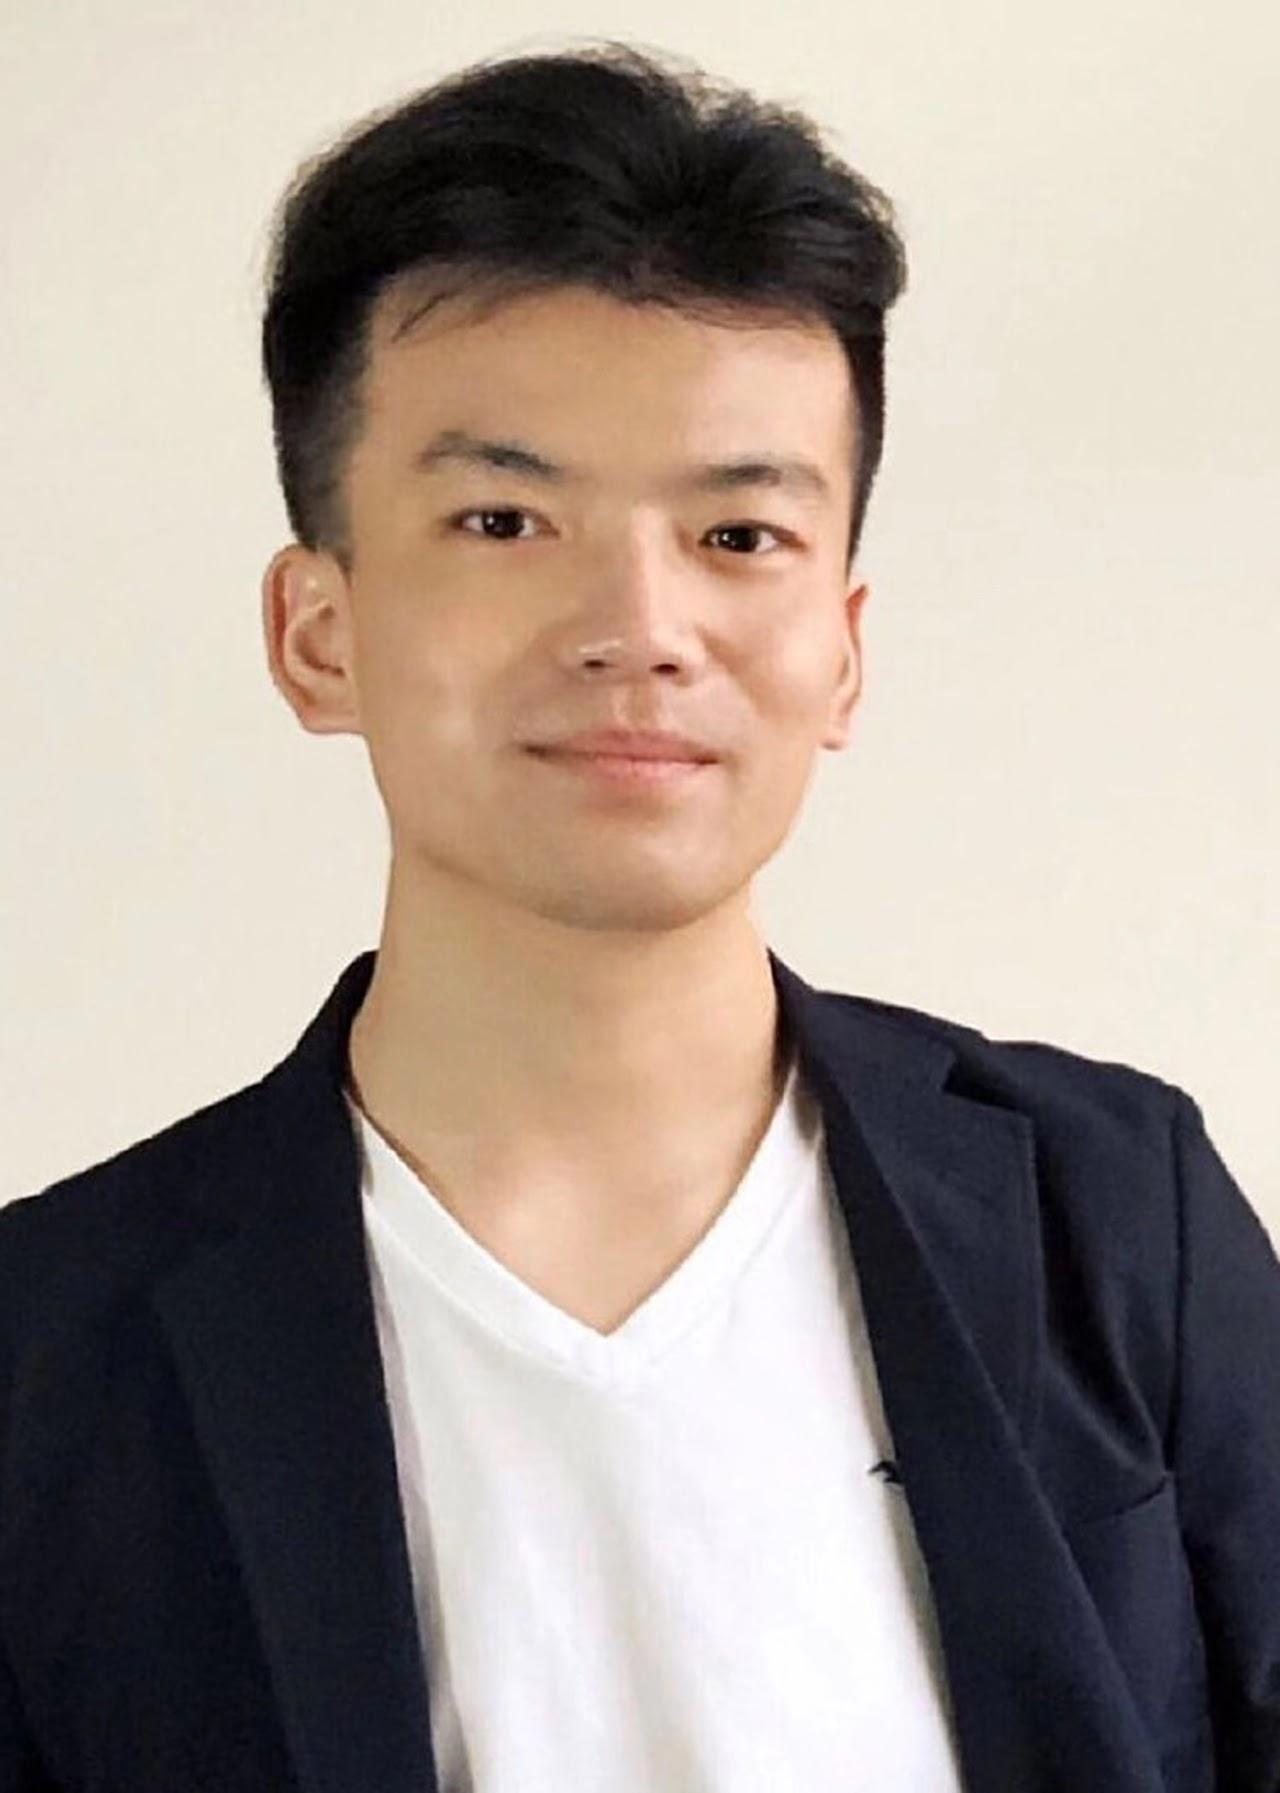 Jiandong Zhou